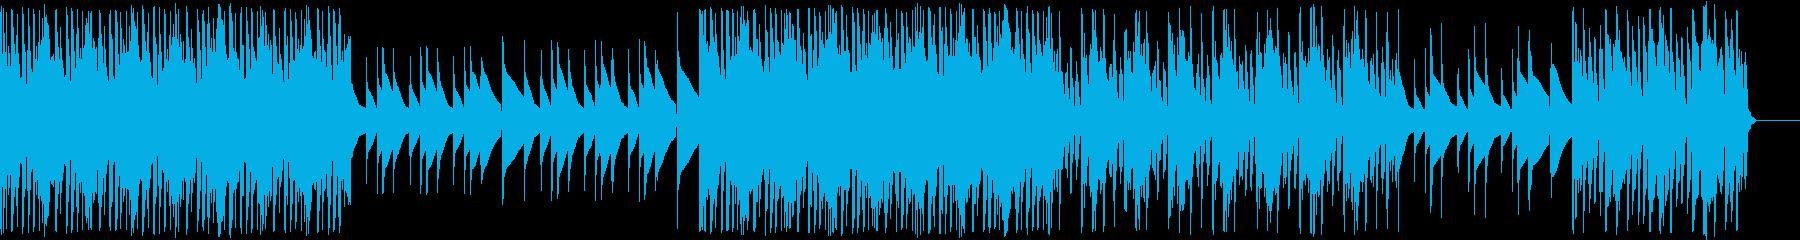 モヤモヤとした不安な気持ちを演出する音楽の再生済みの波形